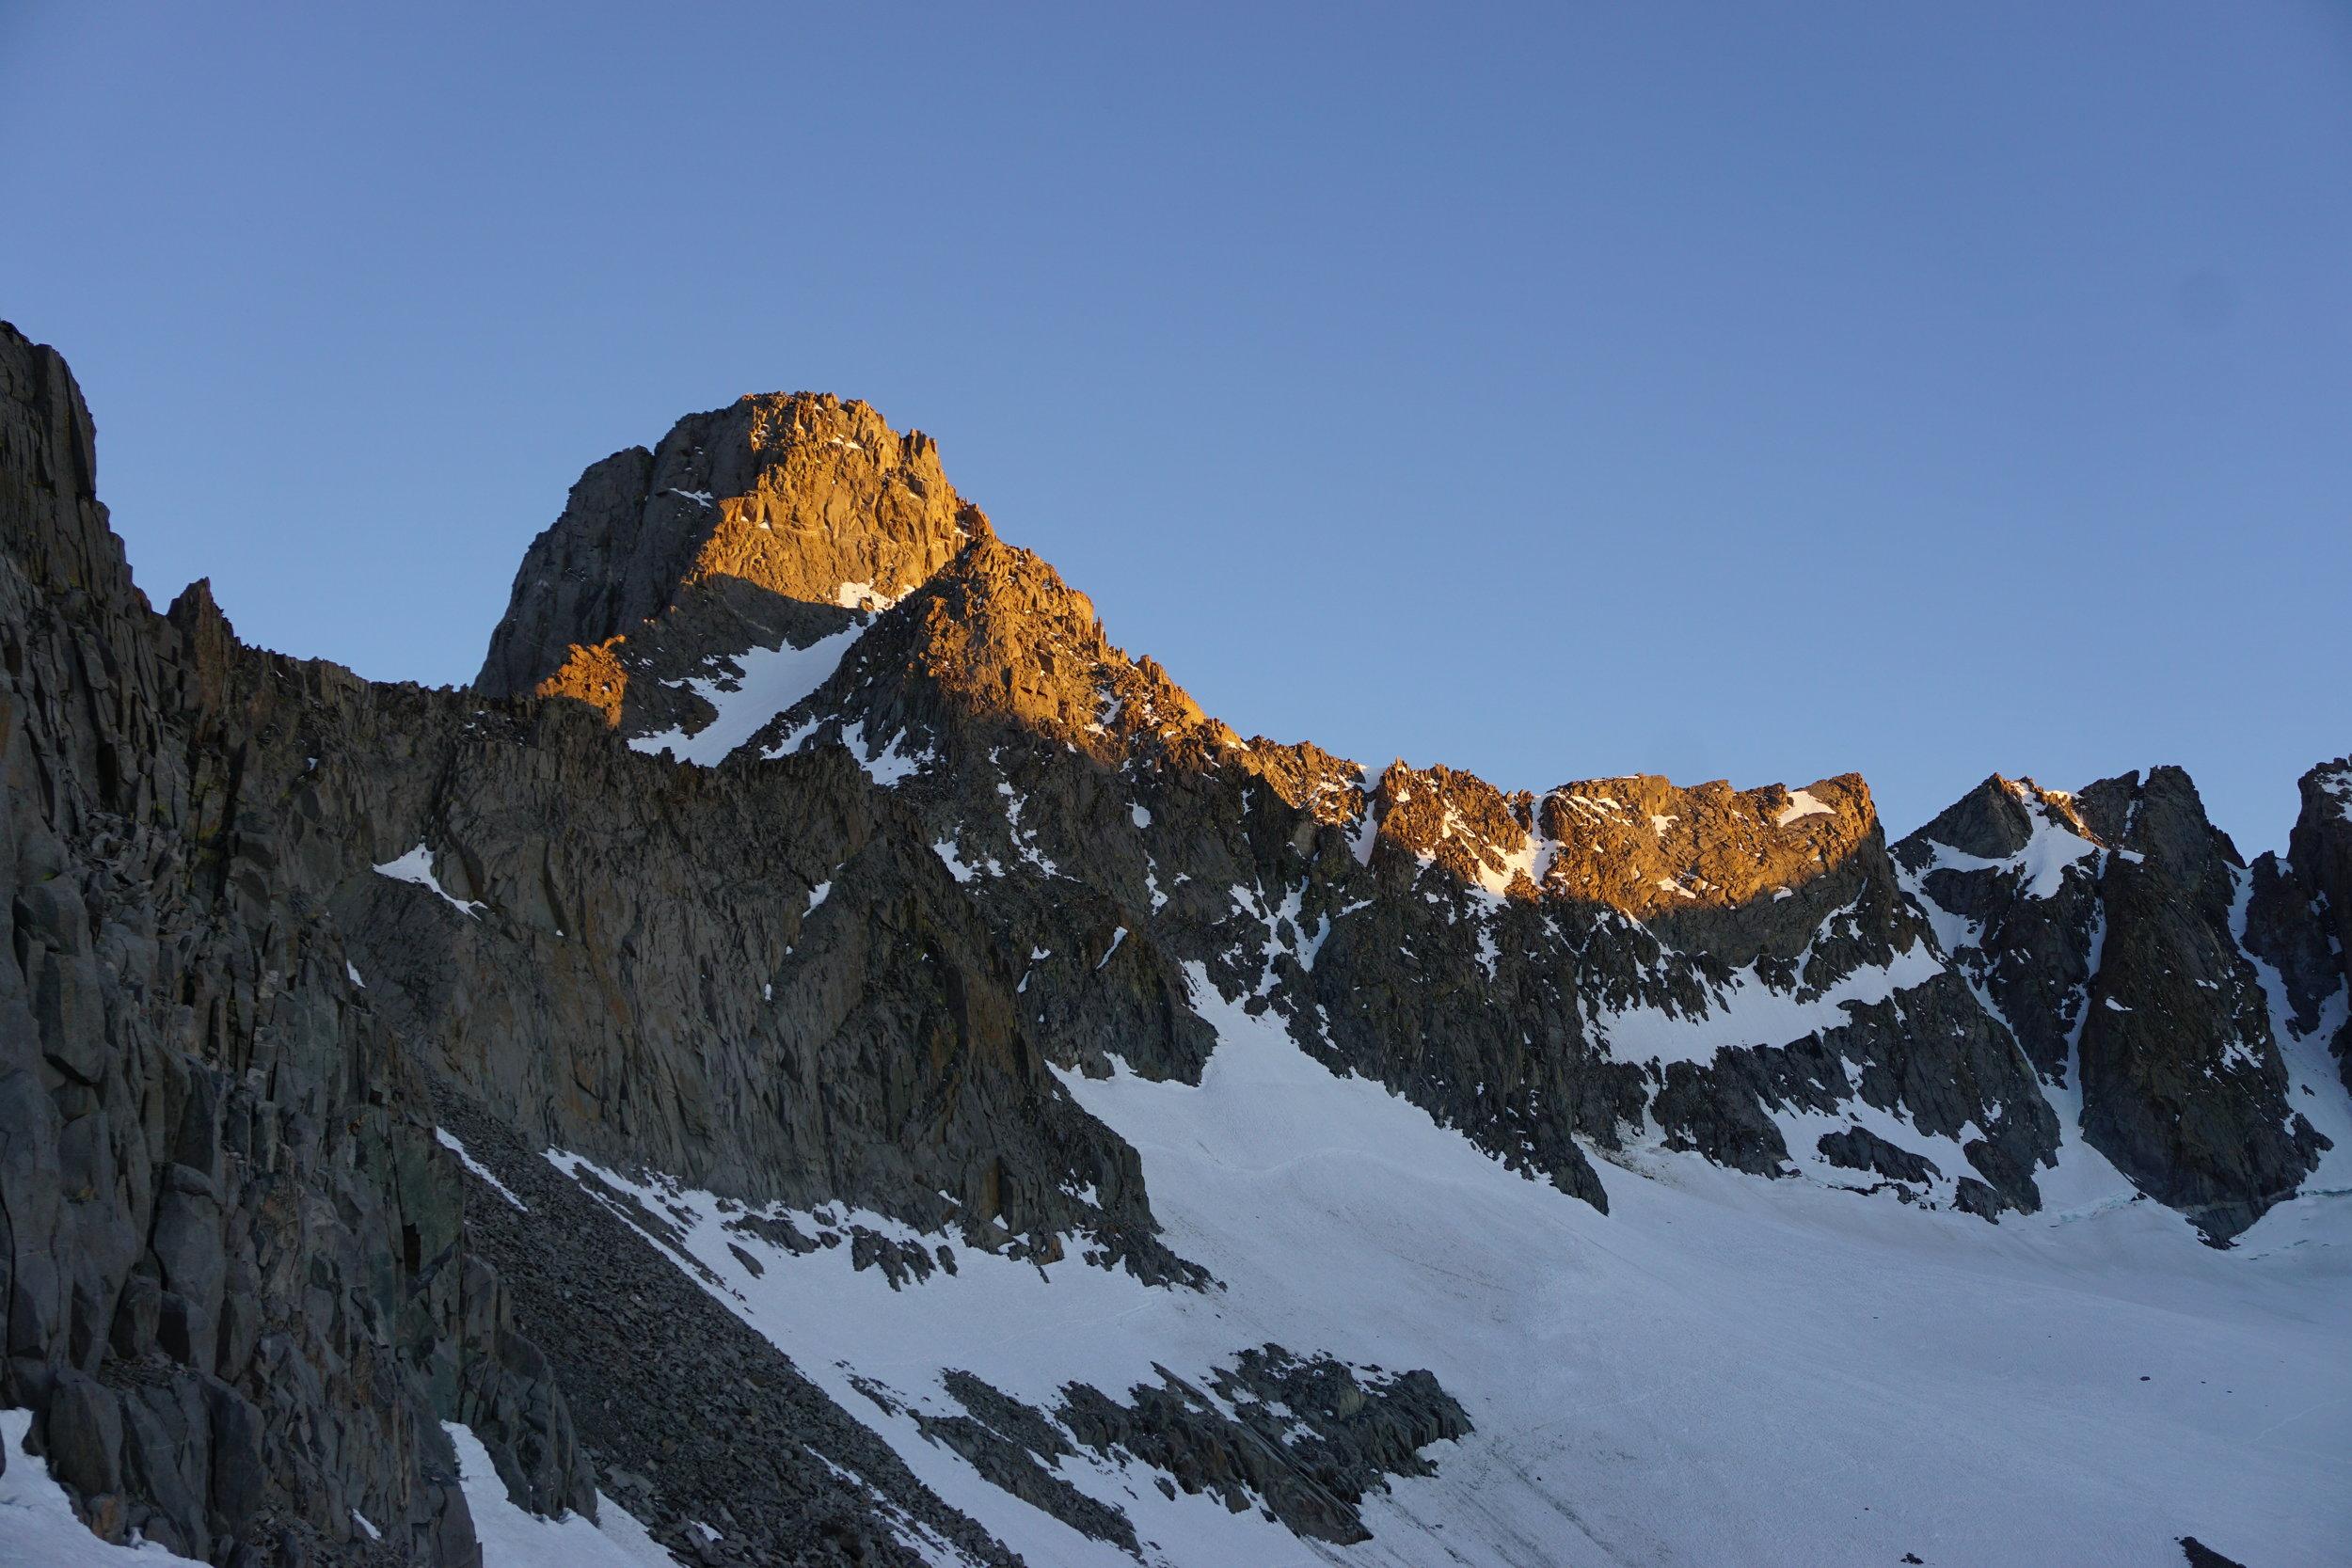 Mount Sill Eastern Sierra Rock Climbing Palisade Range